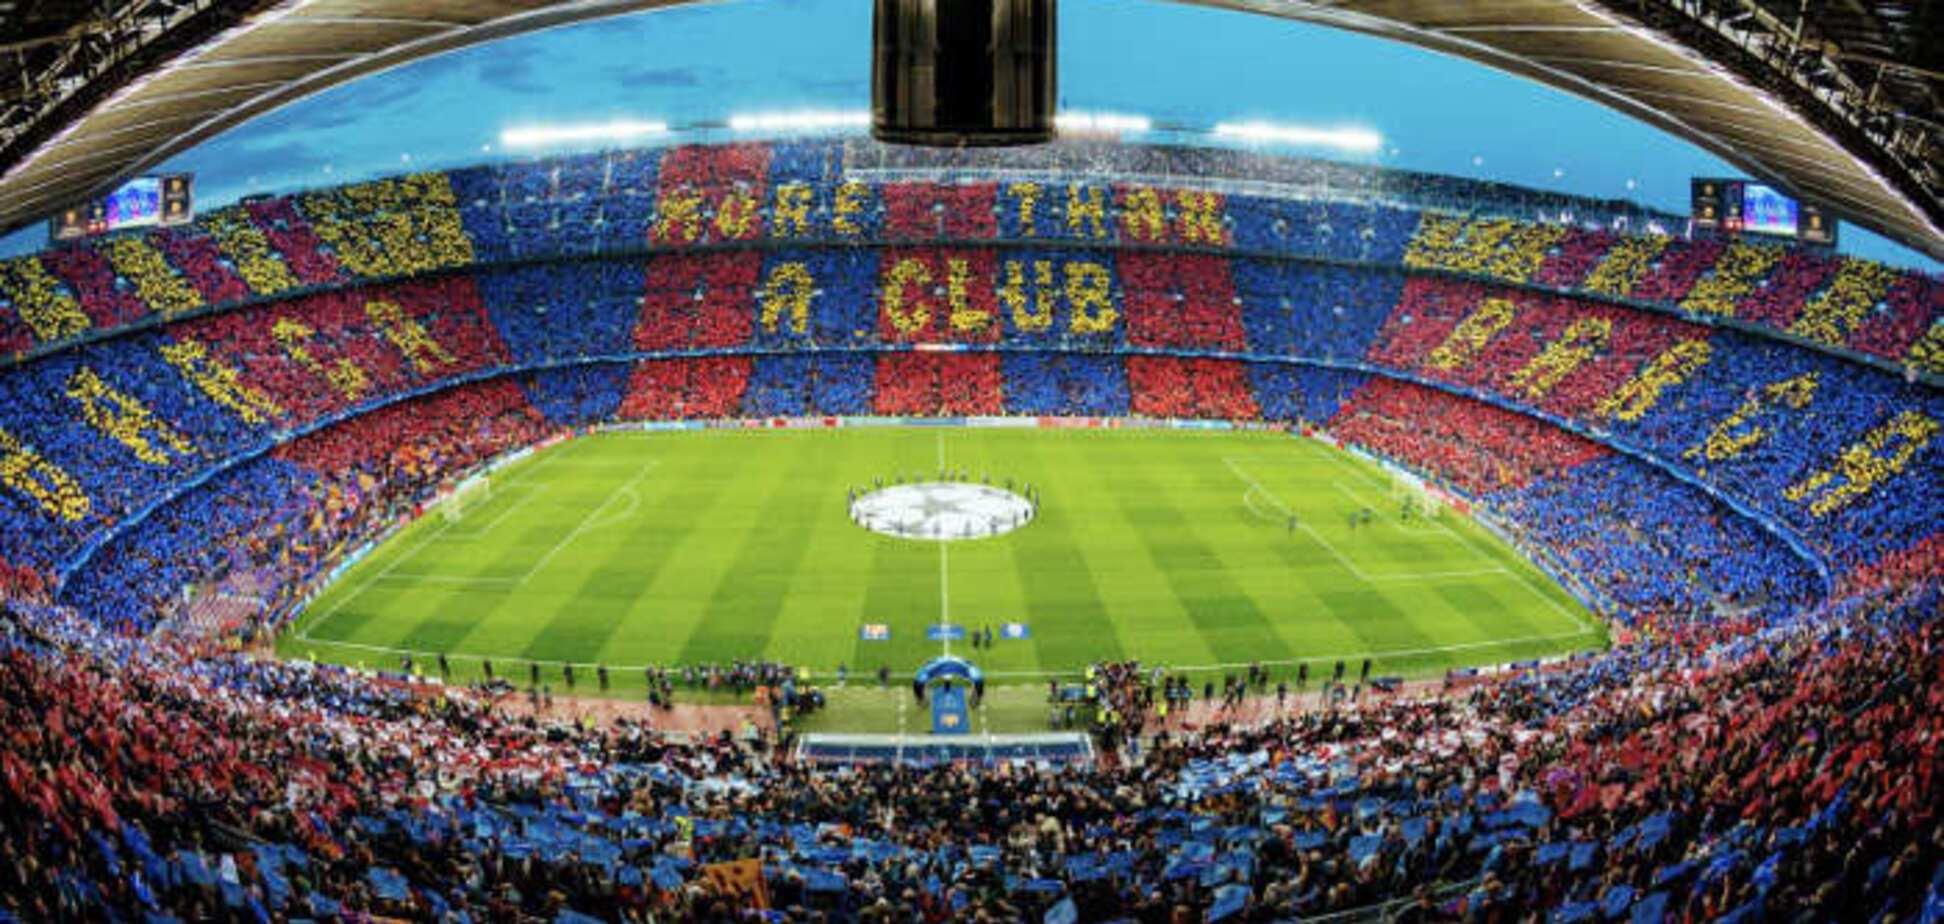 На матчі 'Барселони' планували теракт